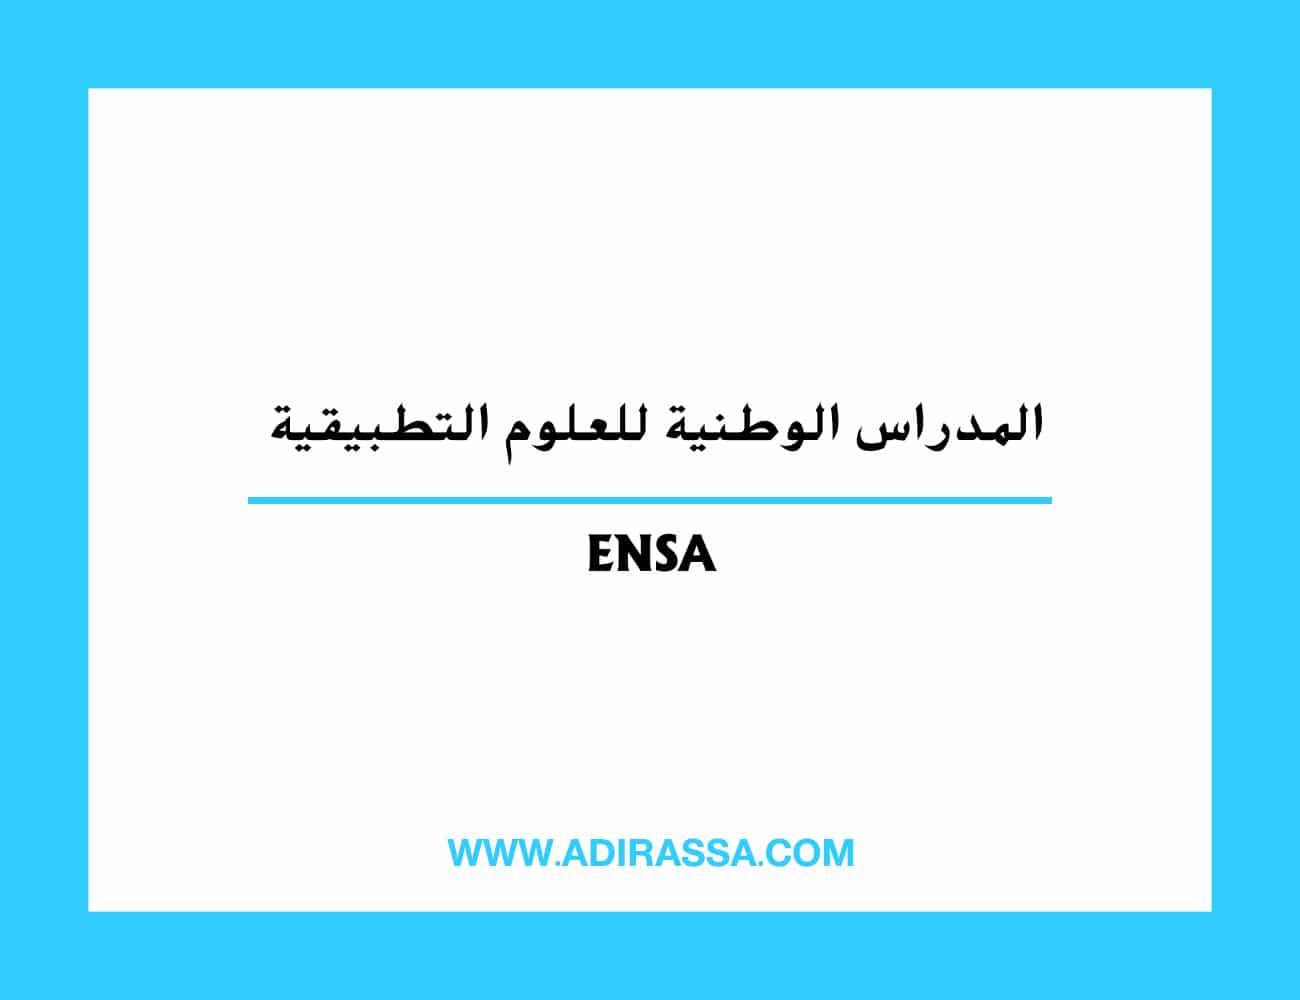 المدارس الوطنية للعلوم التطبيقية نظام بيداغوجي يكون مهندسي الدولة في المغرب